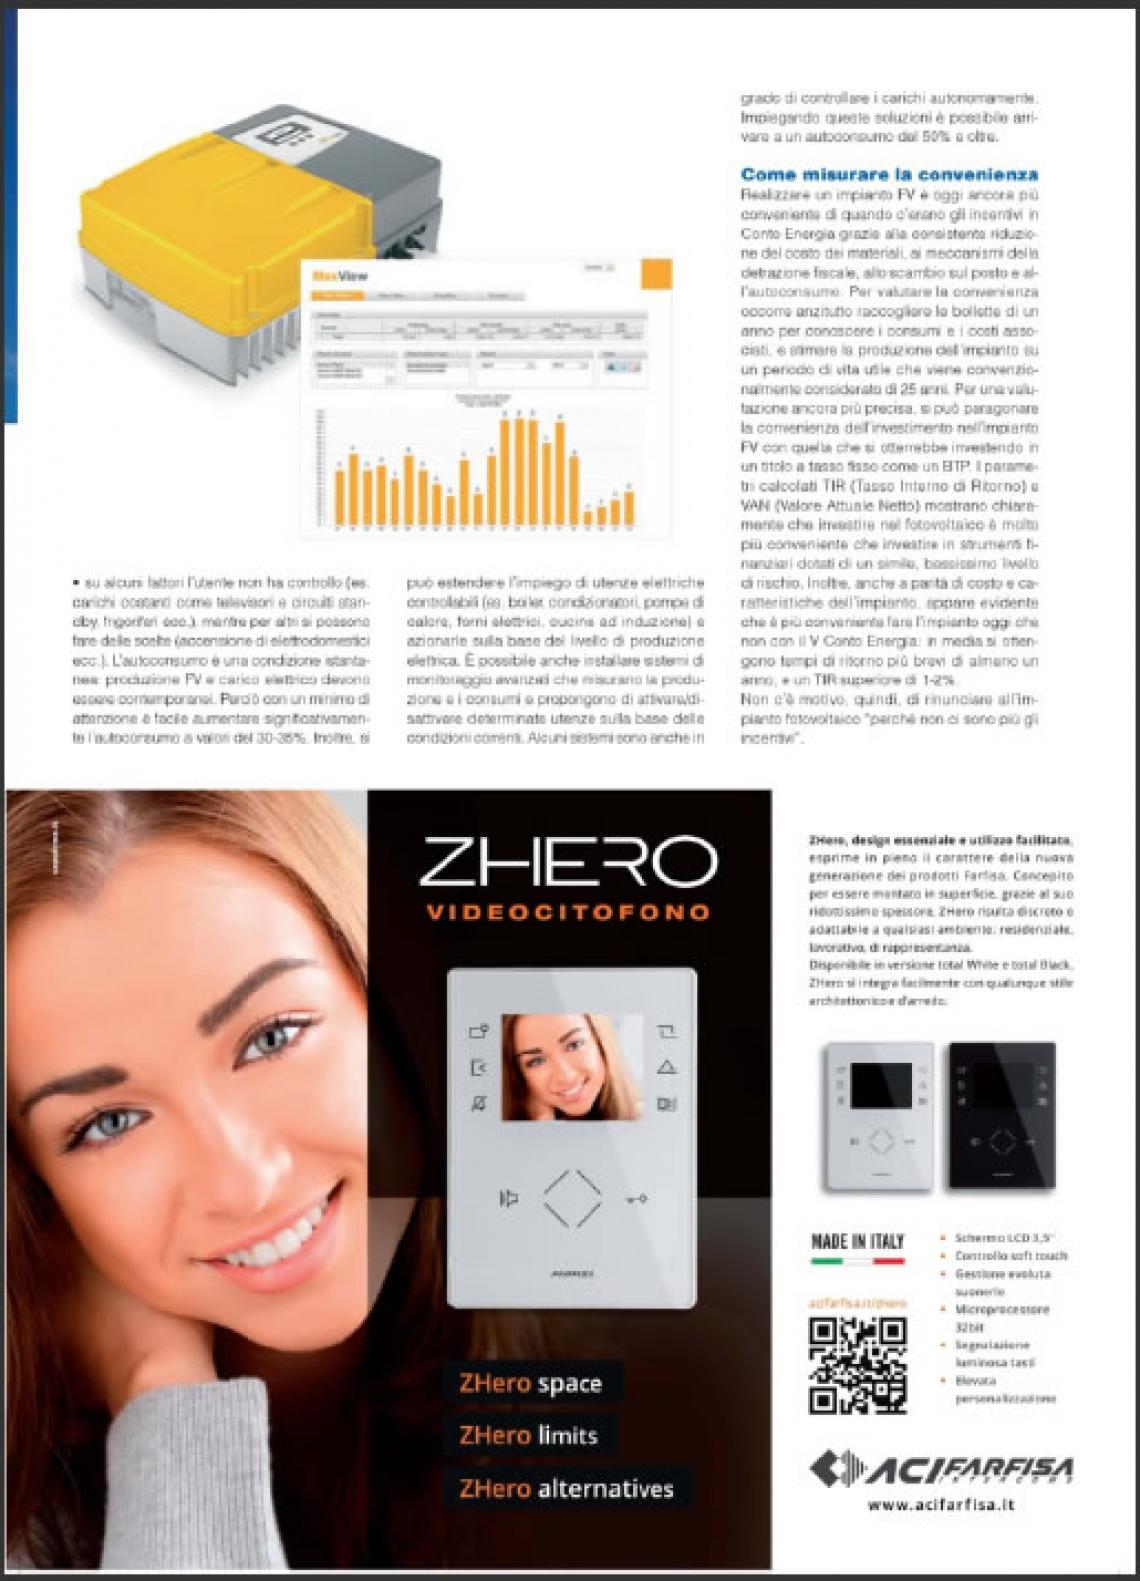 Nuovo videocitofono ZHero